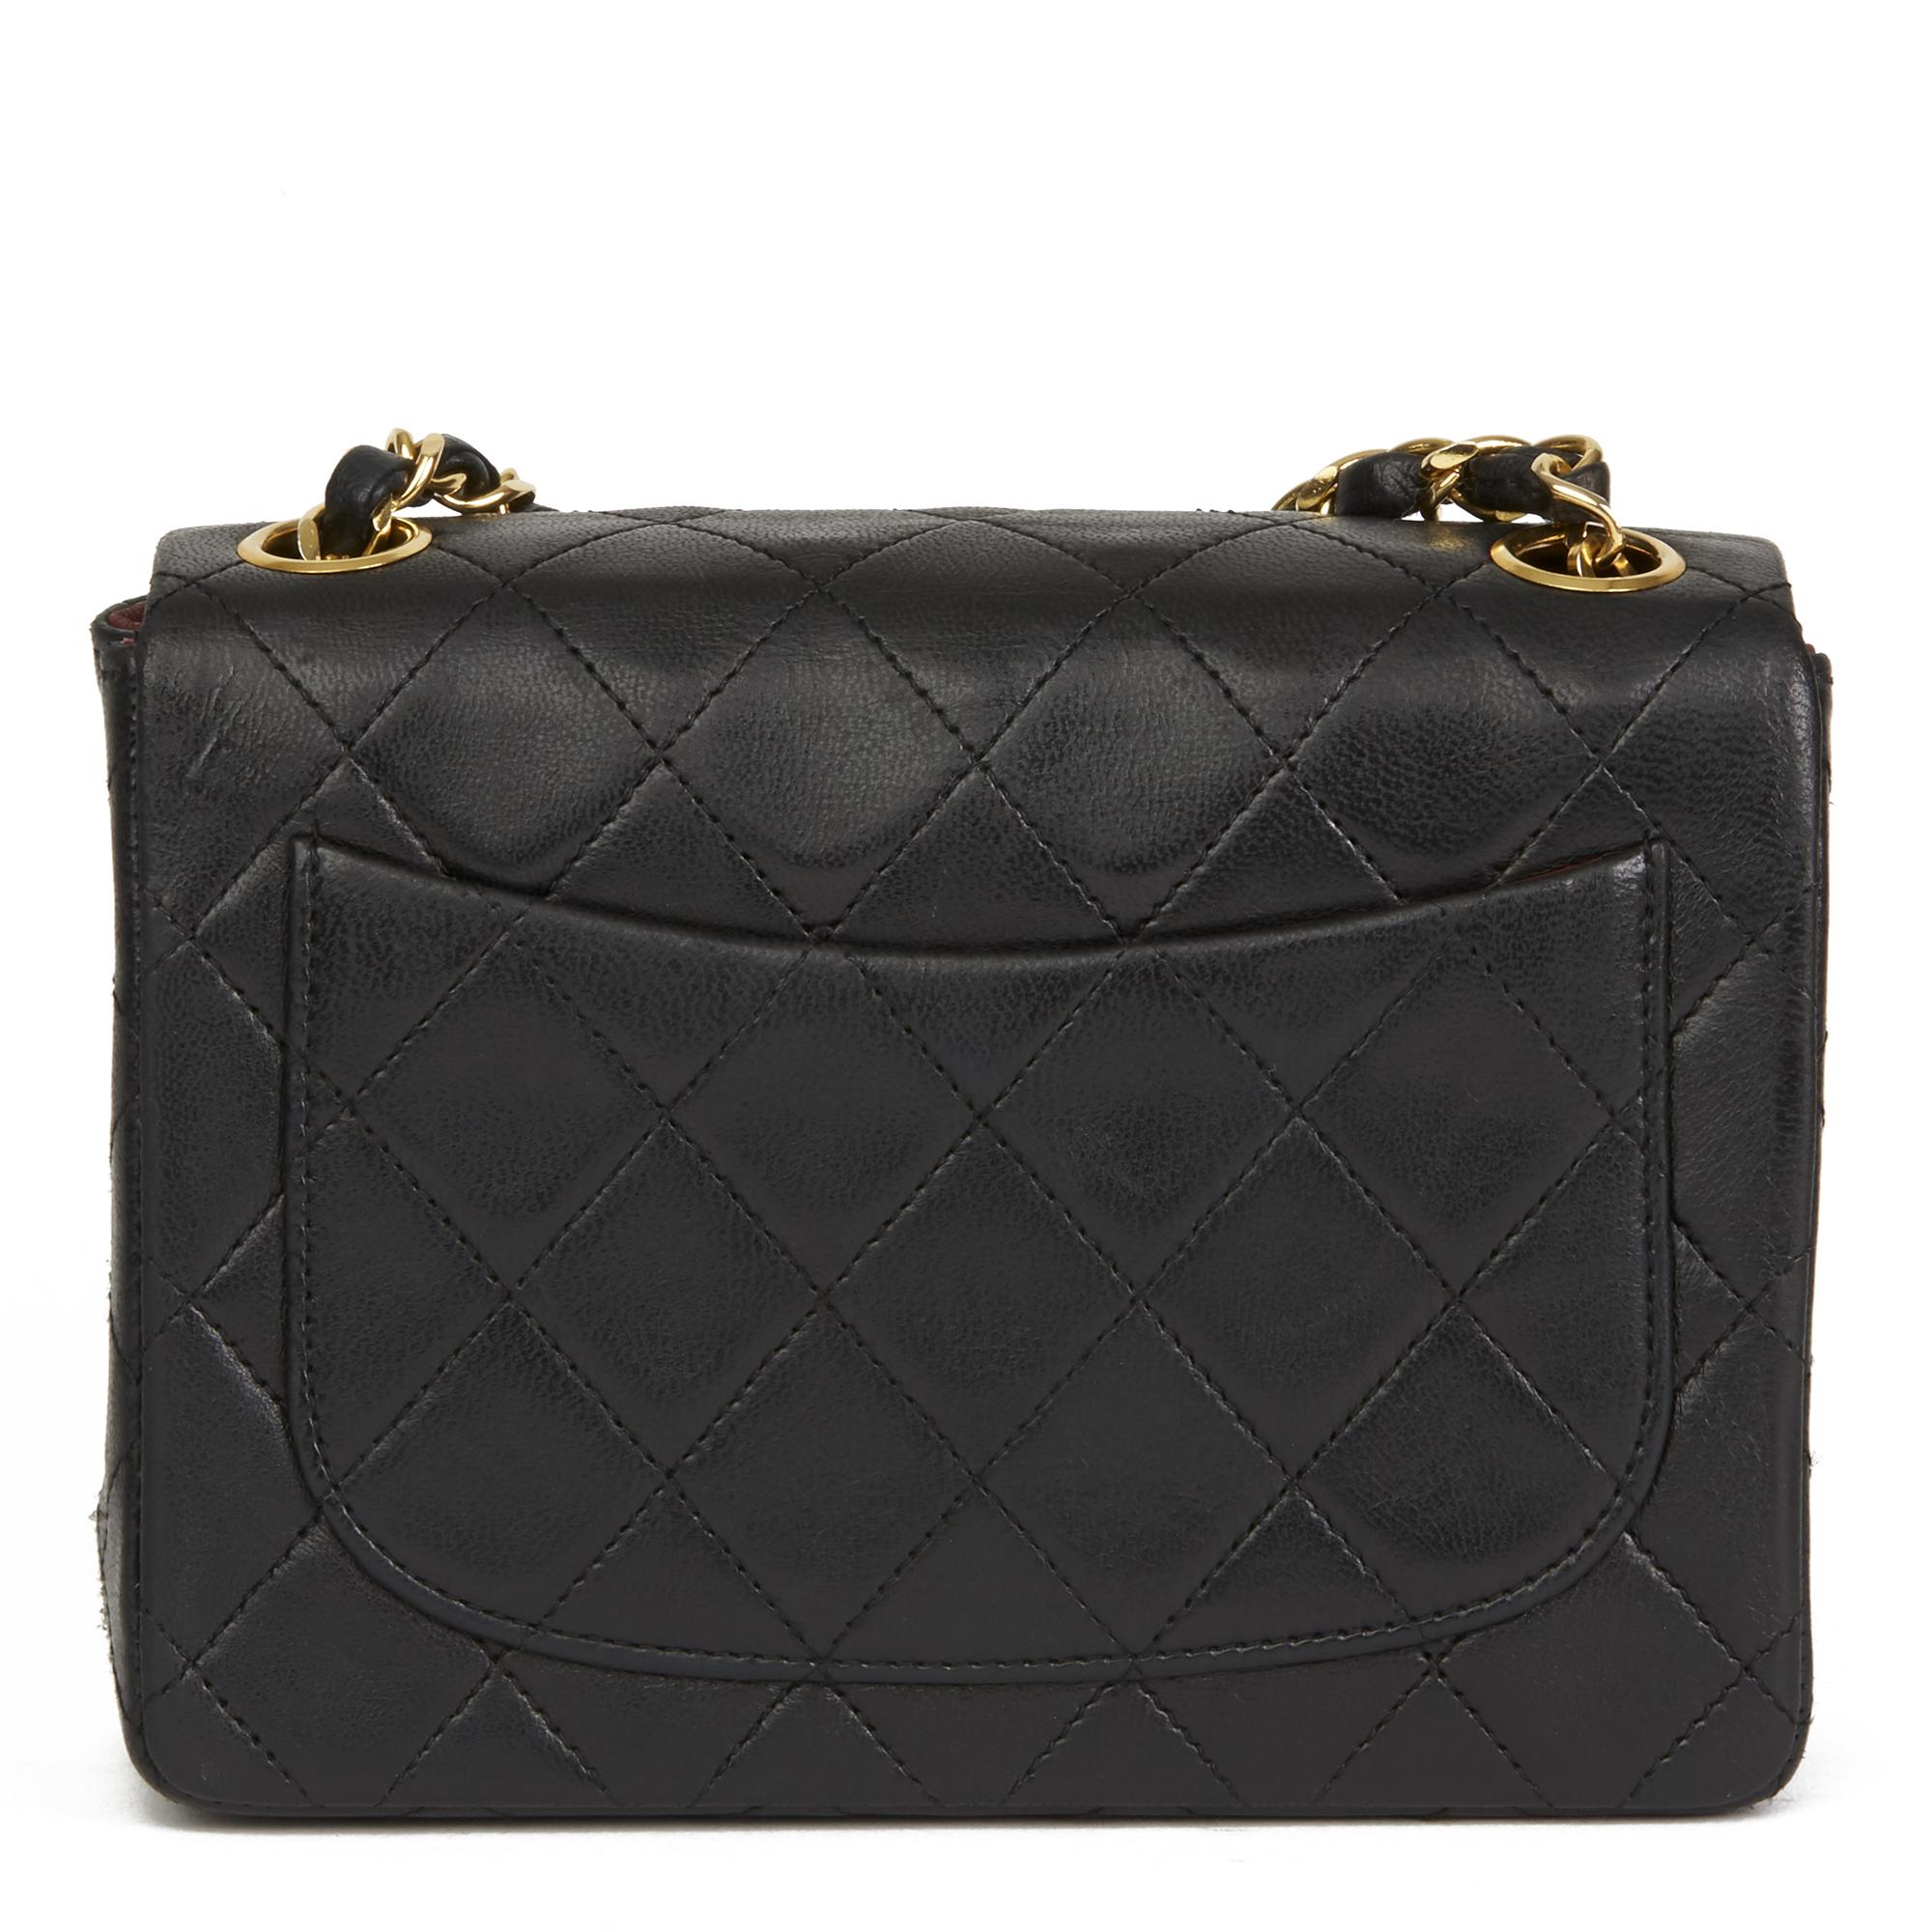 322ea05630 Dettagli su CHANEL Nera Trapuntata Pelle D'Agnello Vintage Mini Flap Bag  HB2599- mostra il titolo originale